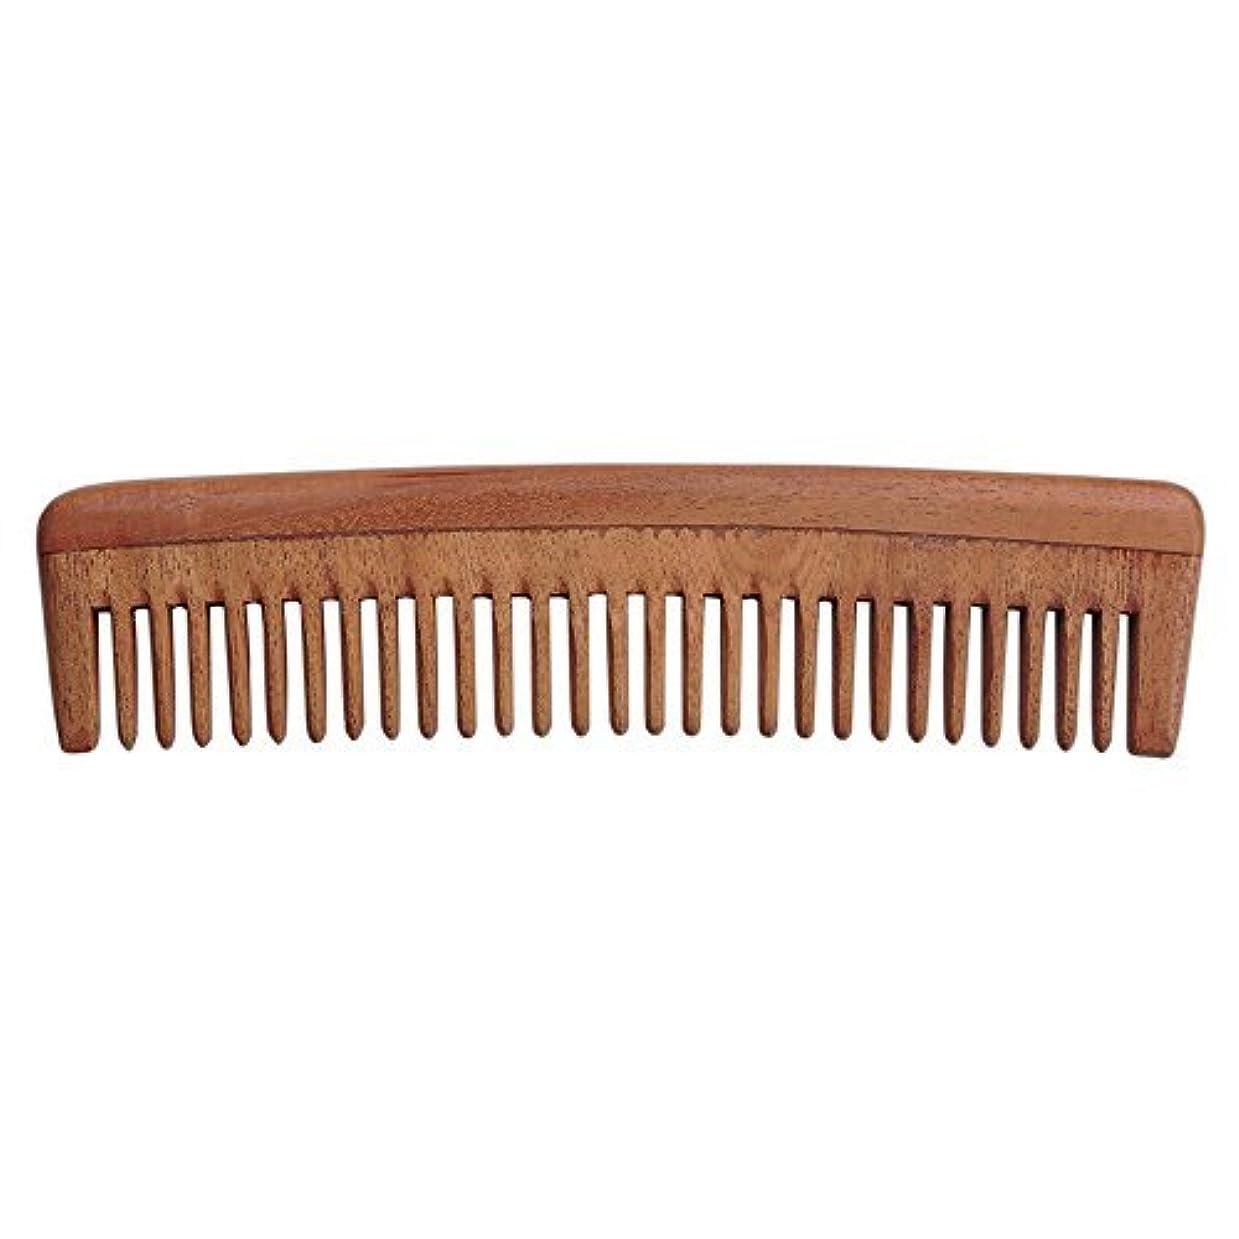 作物スーパーマーケットワーカーHealthGoodsIn - Pure Neem Wood Wide Tooth Comb for Shiny Hair | Wide Tooth Comb | Natural and Organic for Hair...